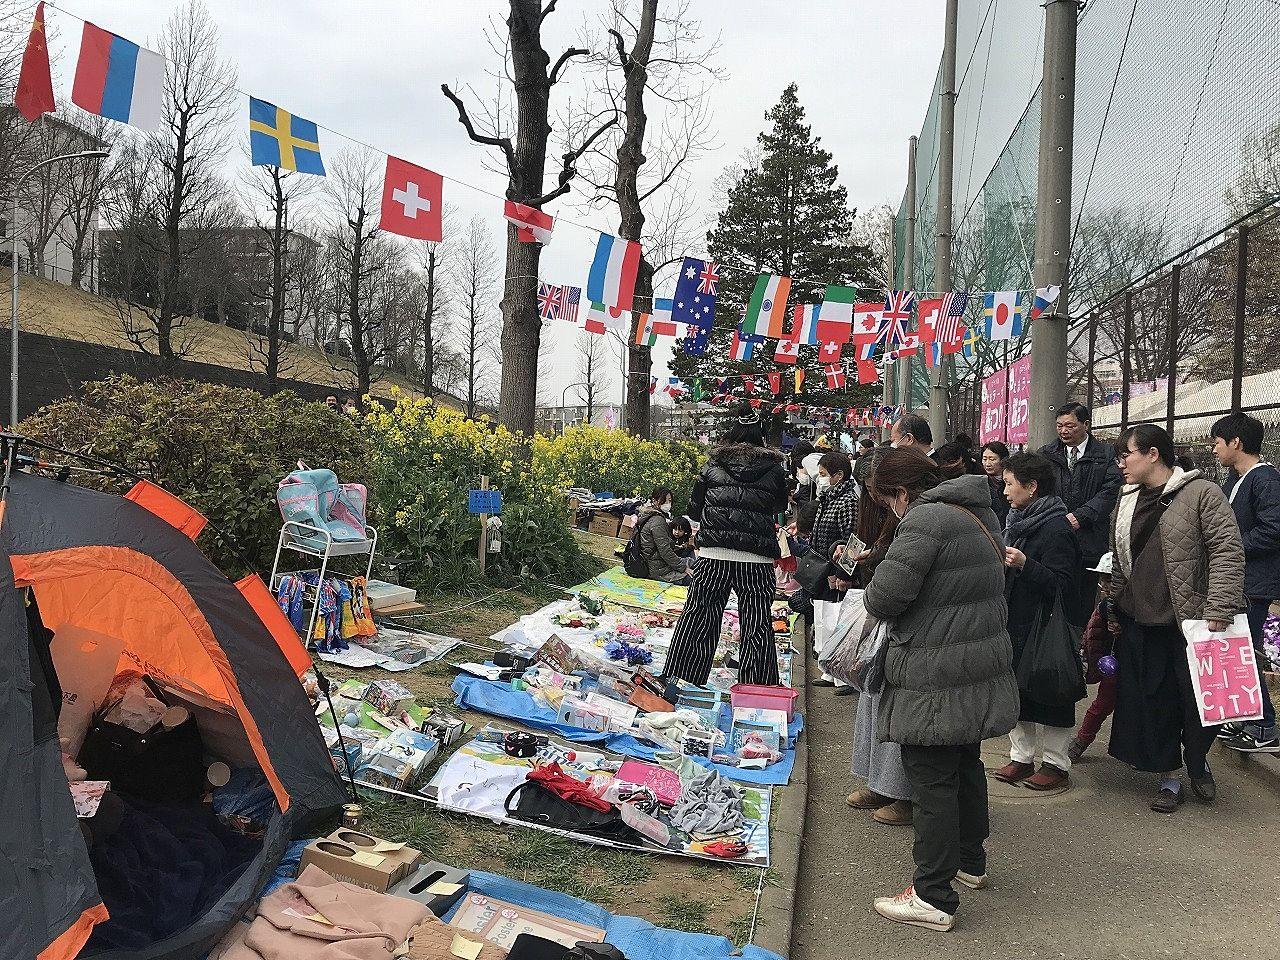 2019年たまプラーザ桜まつり(たまプラーザ桜フェスティバル)のフリーマーケット